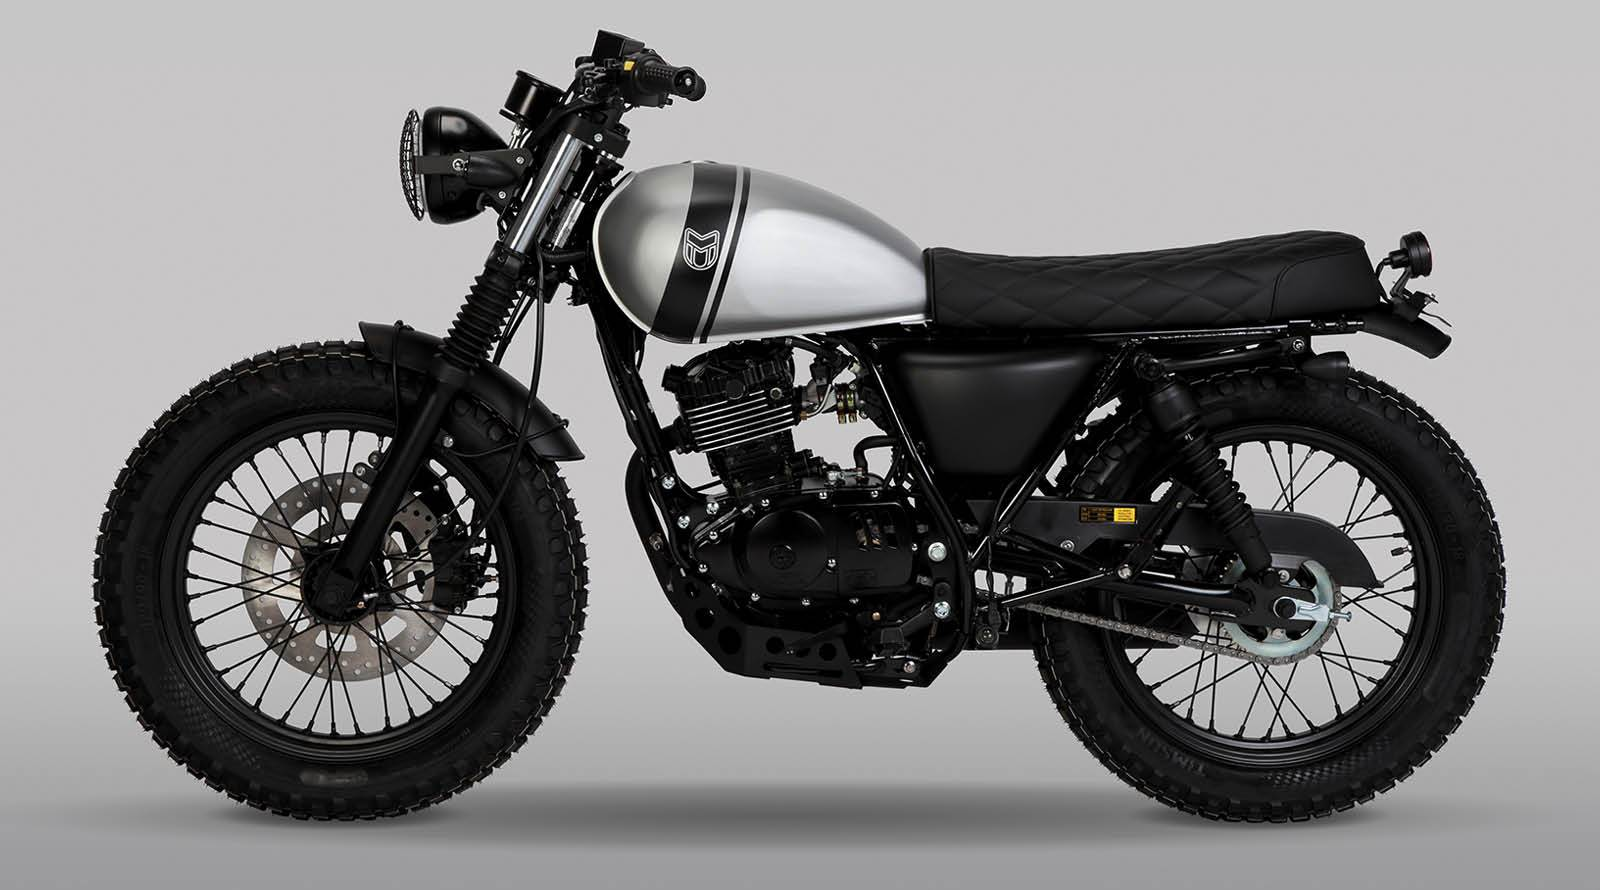 Mutt_cafe racer_moto 125